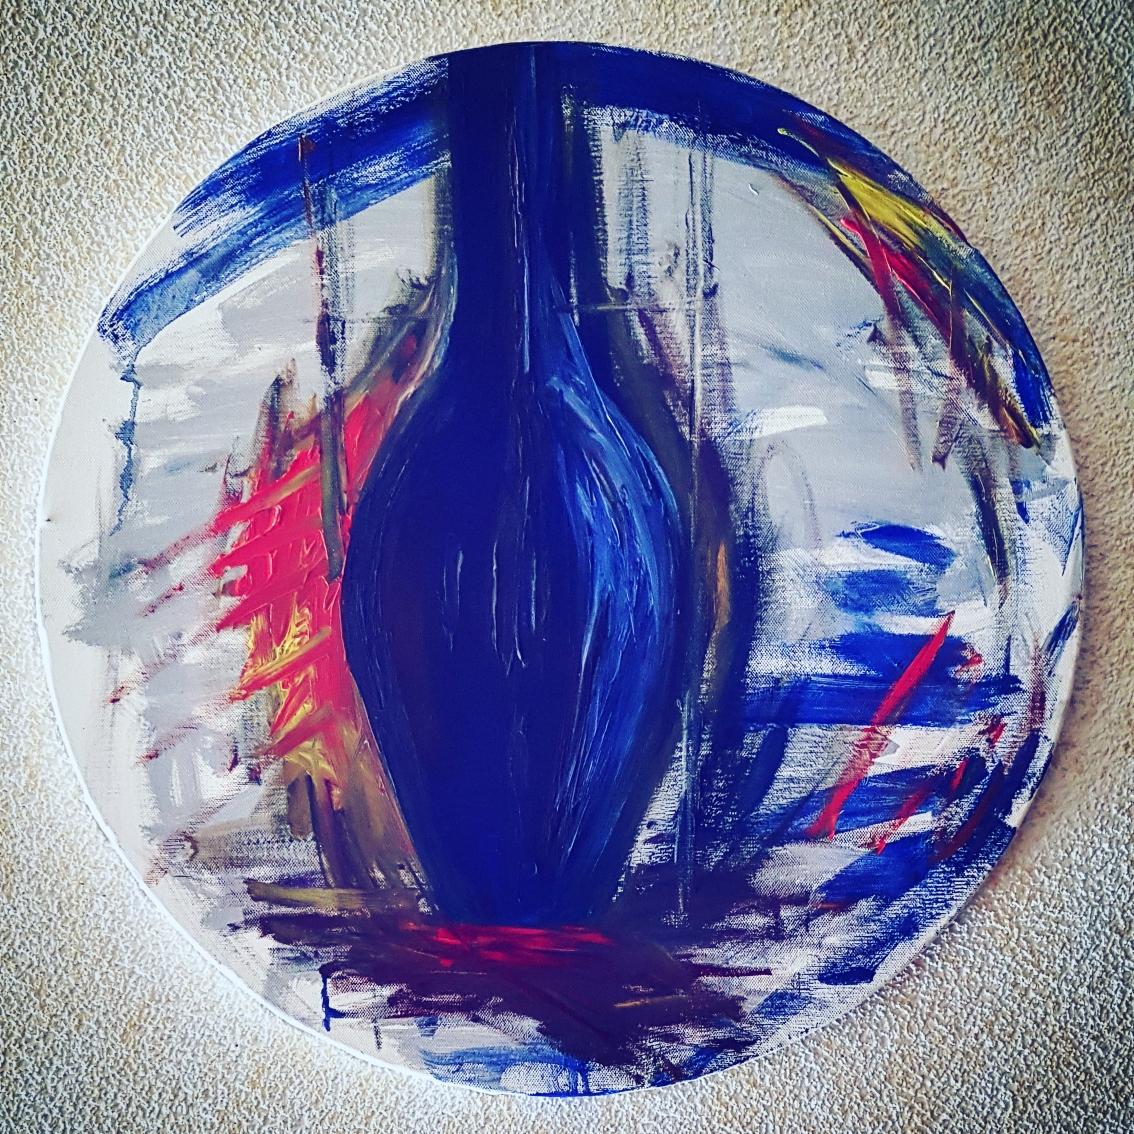 Blaue Flasche, Öl auf Leinwand